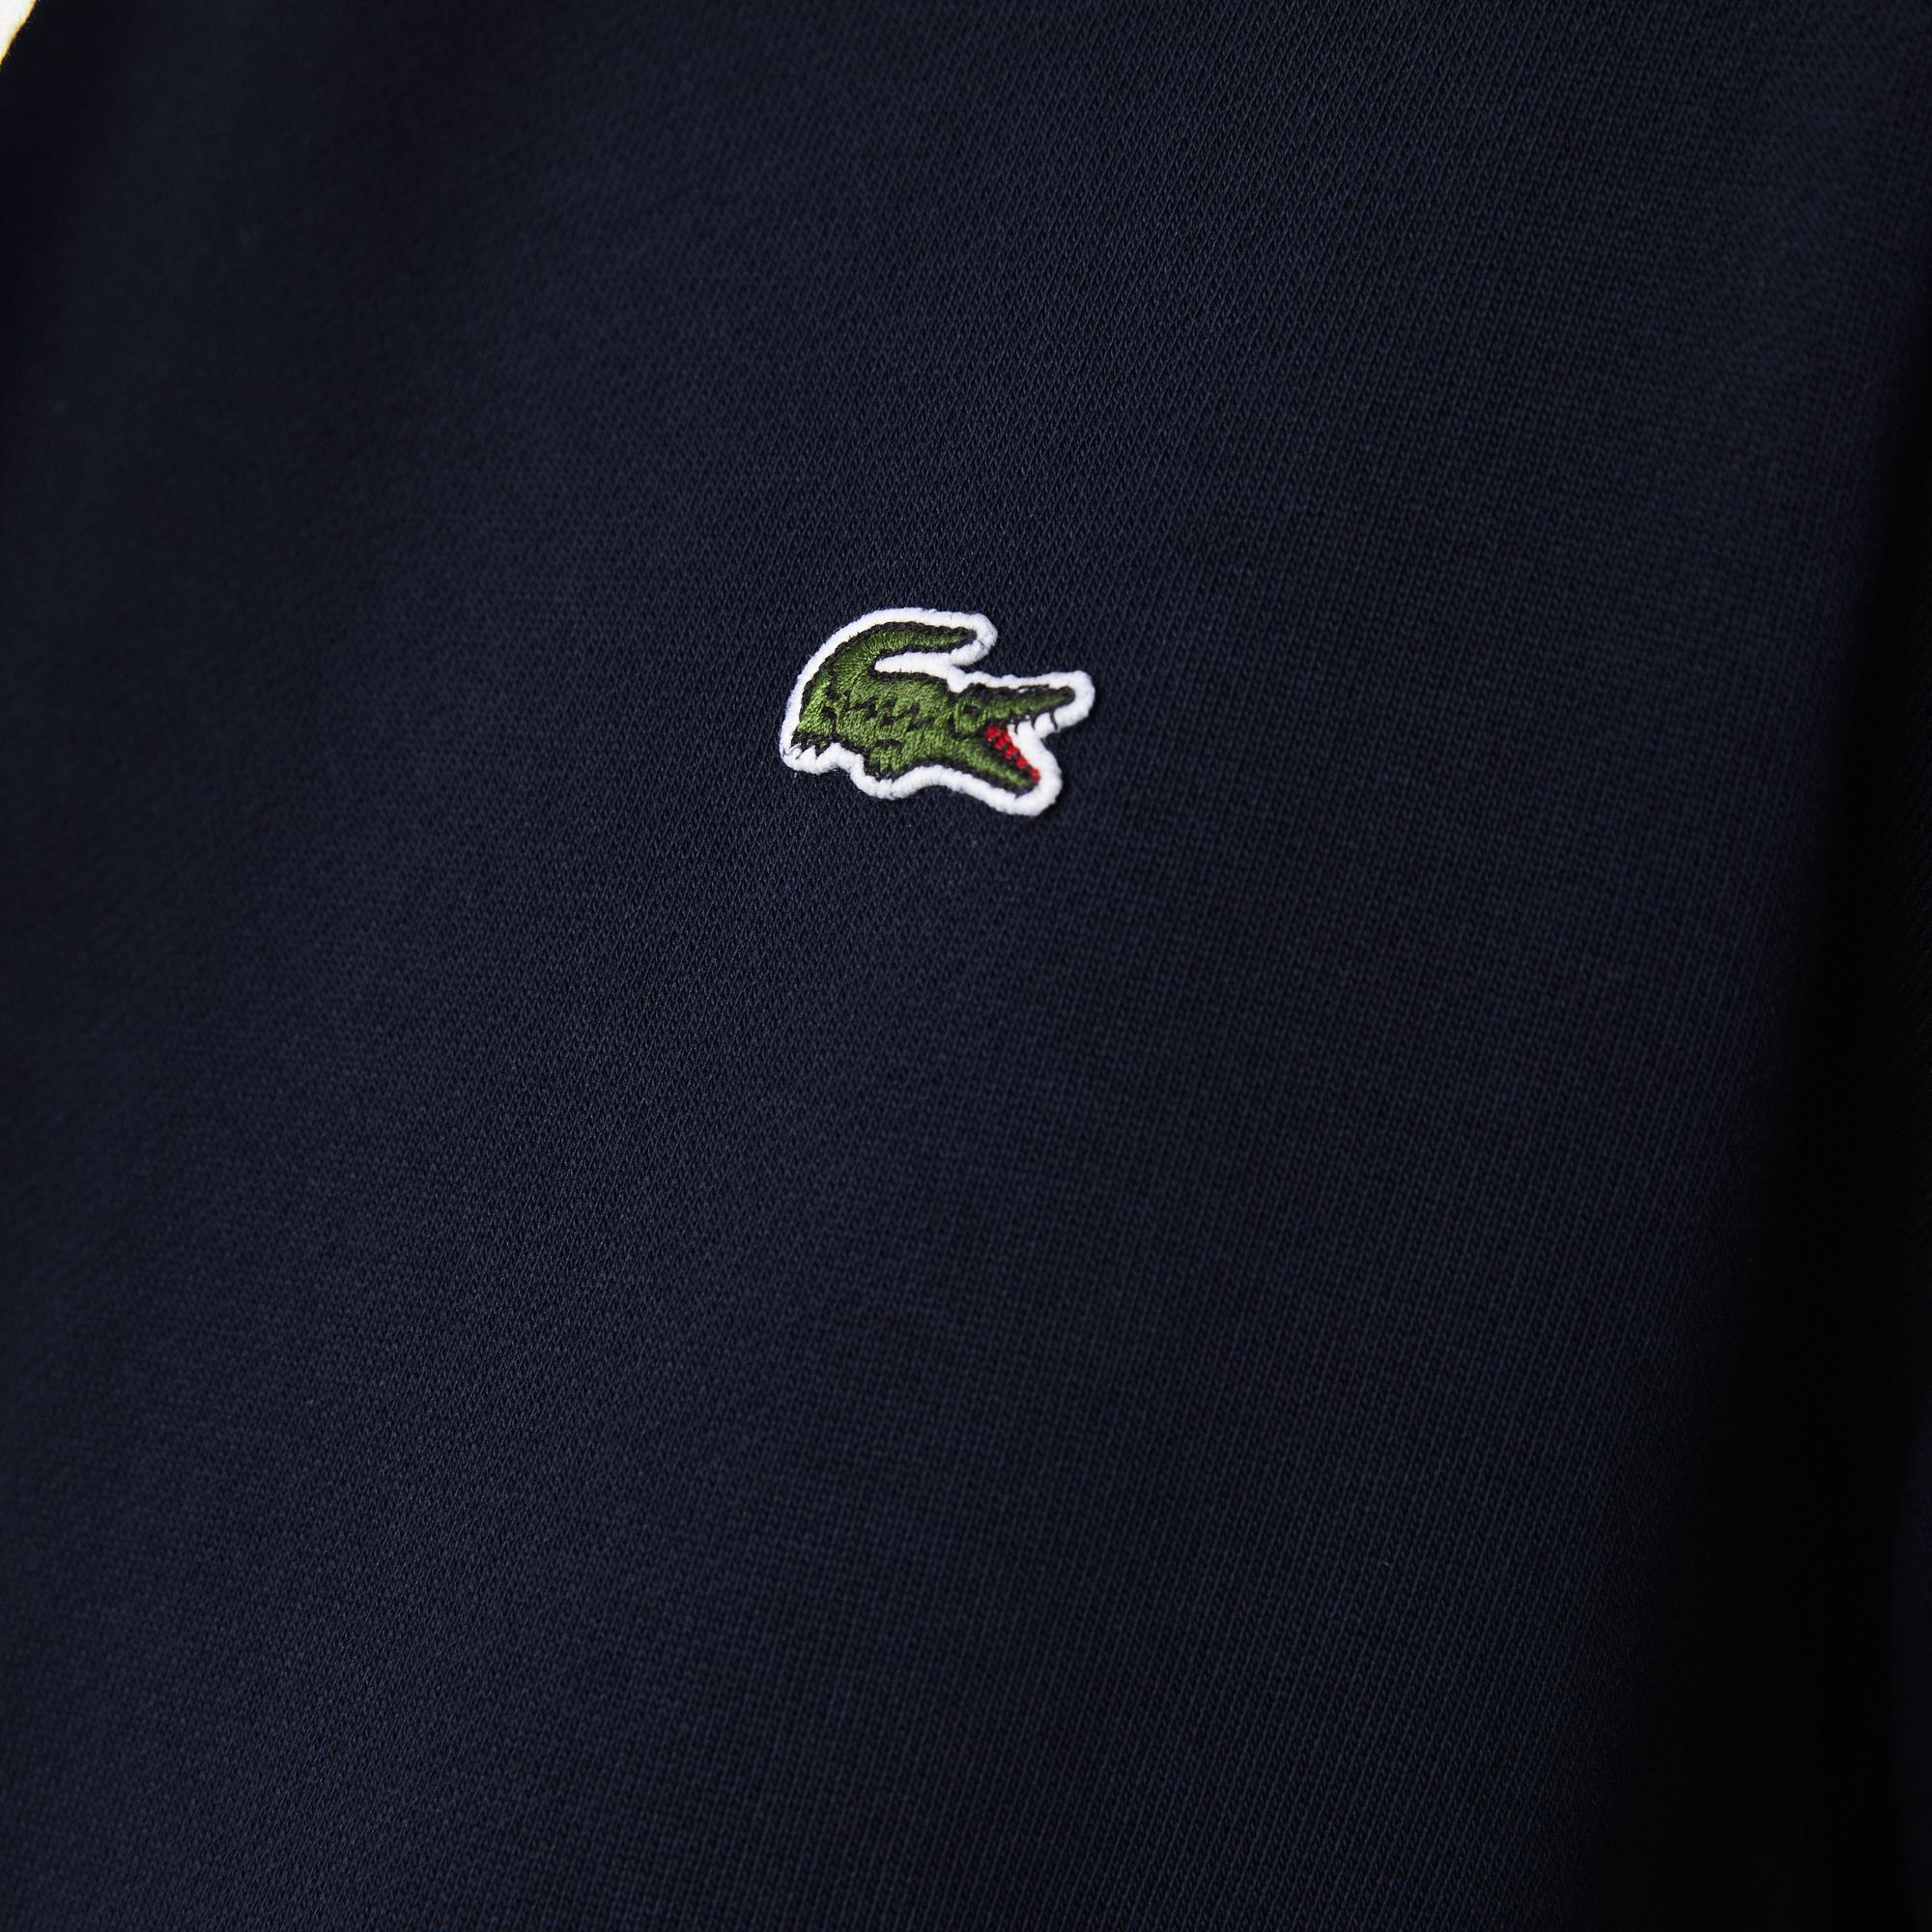 Lacoste Męska bluza polarowa z kapturem, z nadrukiem na rękawach